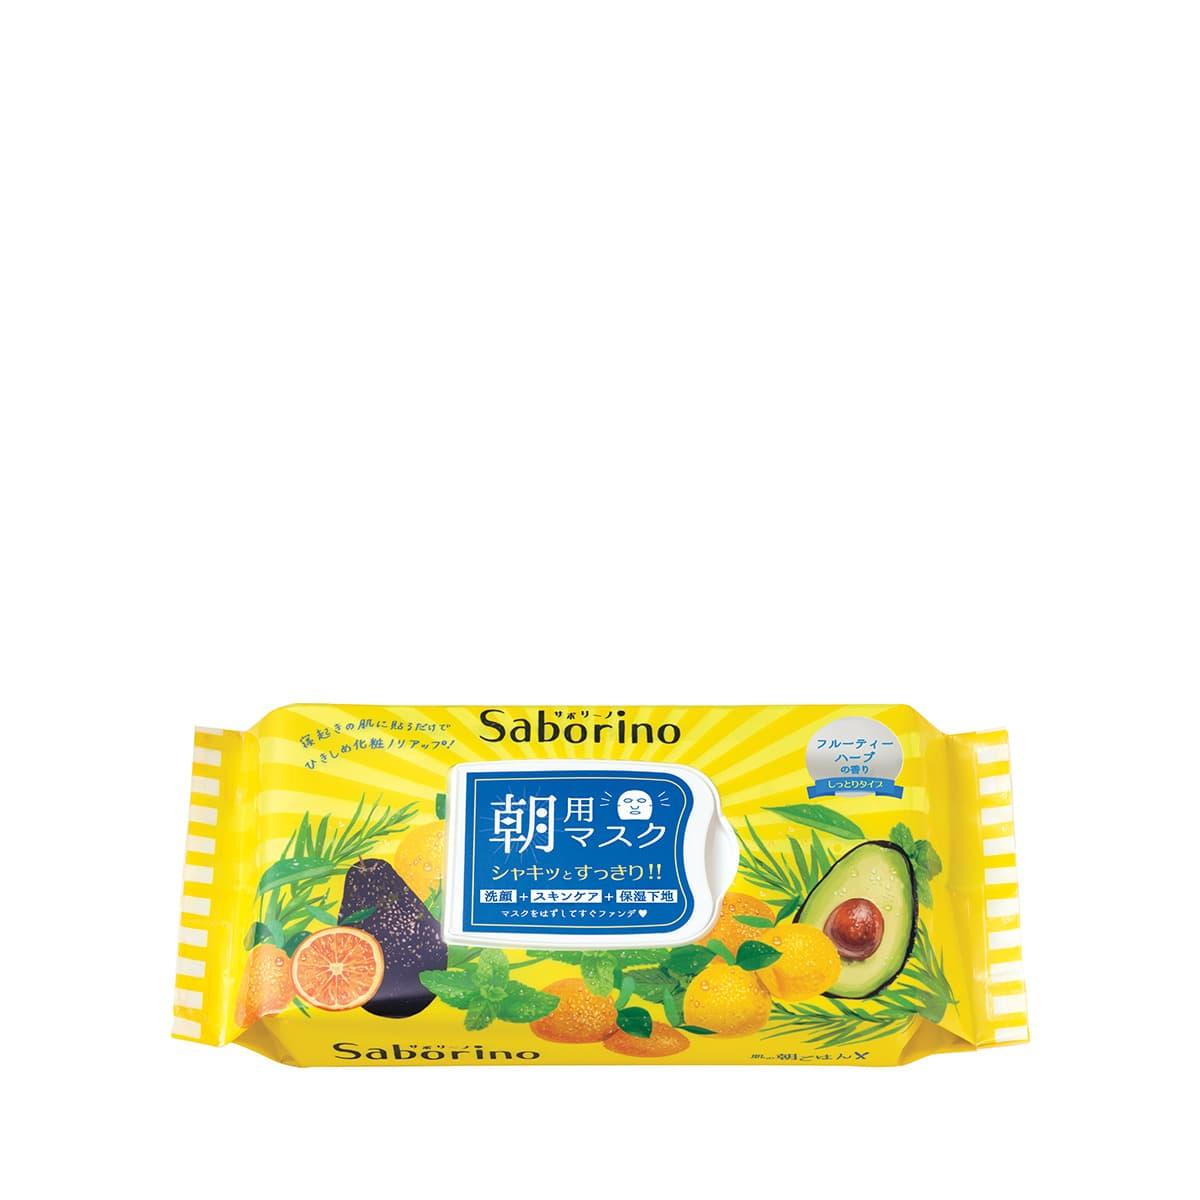 BCL 32 Sheets Saborino Mask - SKU 8015028000 thumbnail